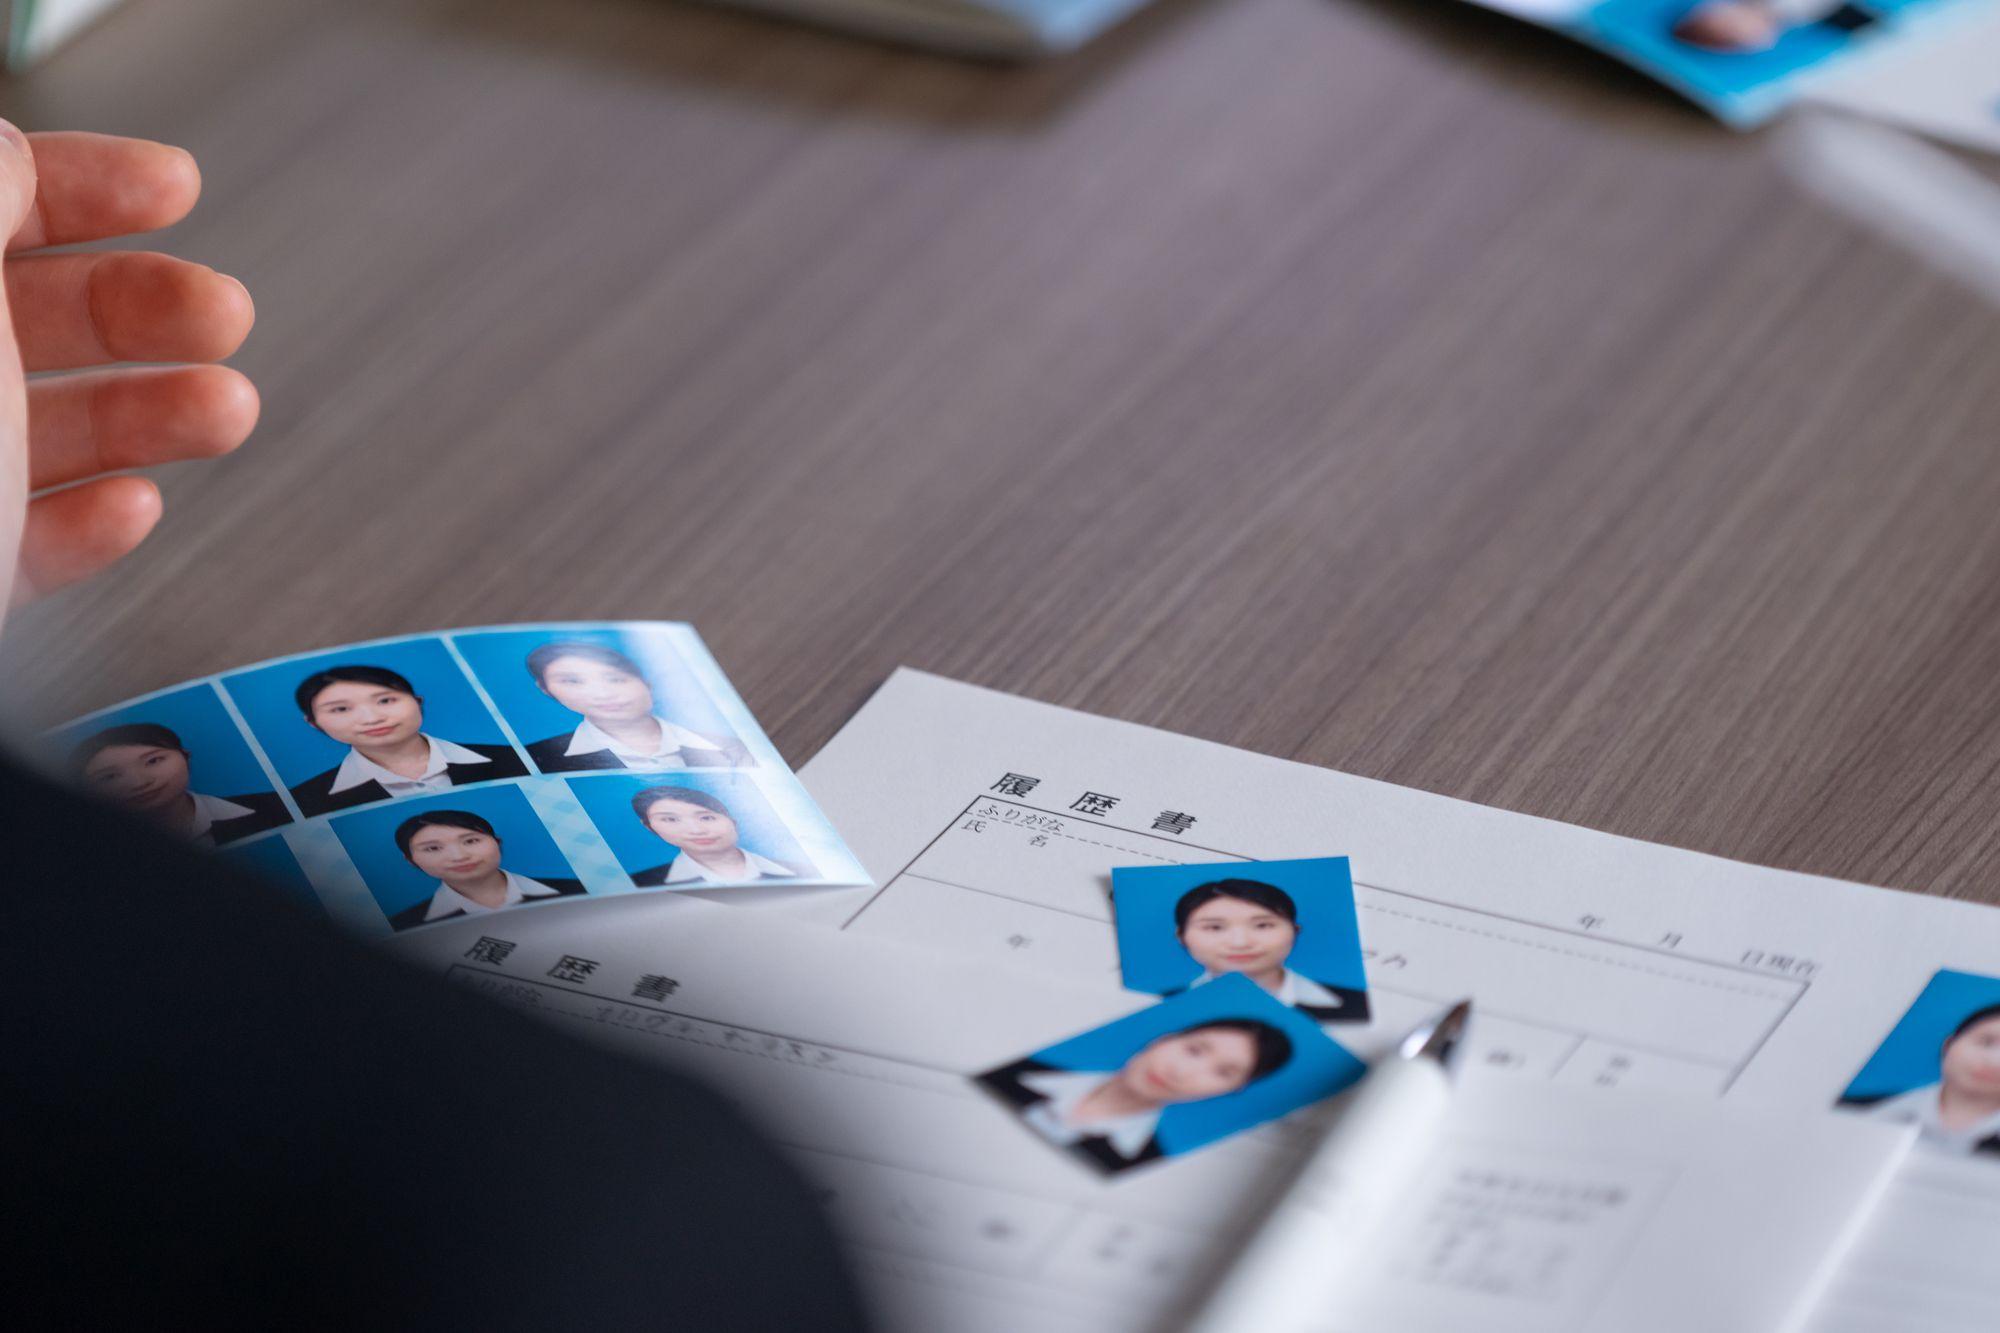 履歴書の写真は写真スタジオで撮ったほうがいい?